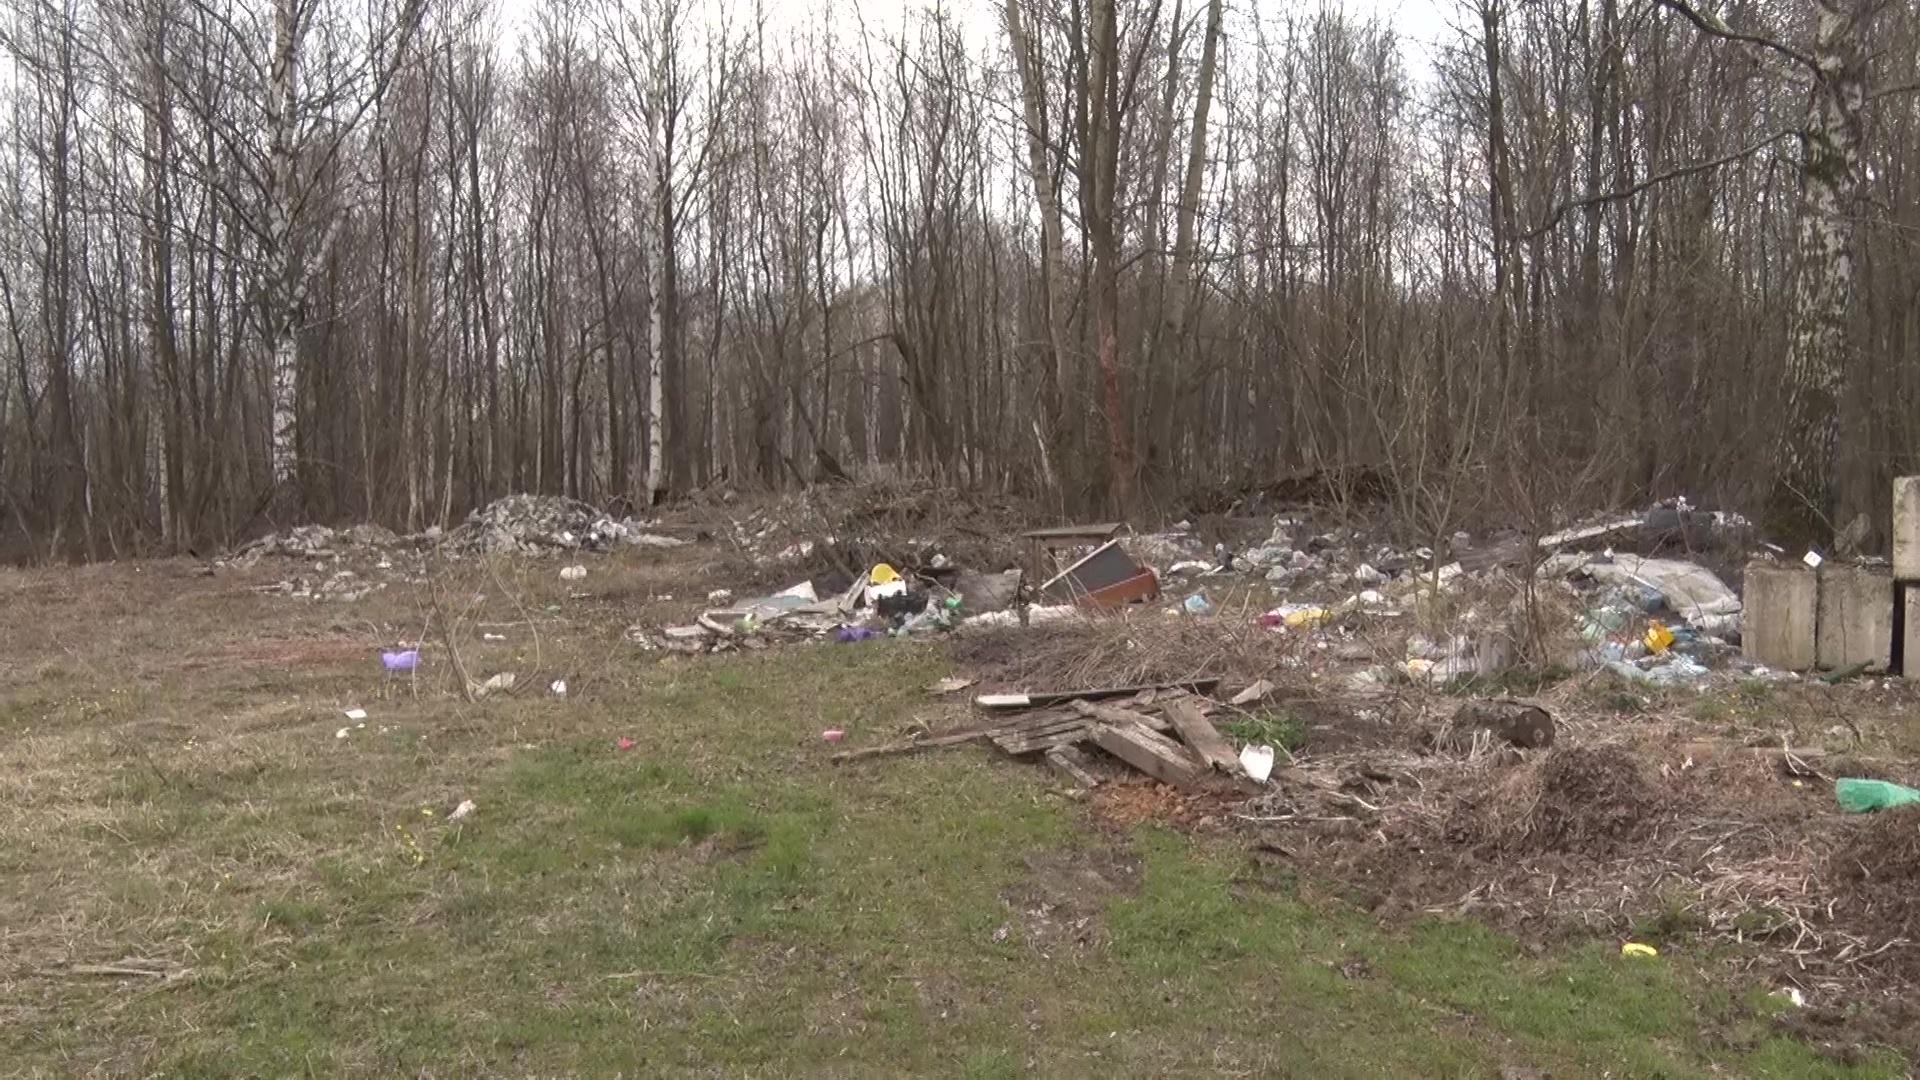 Свалка на берегу реки и отсутствие контейнеров: кто отвечает за мусорный «паводок» во Фрунзенском районе